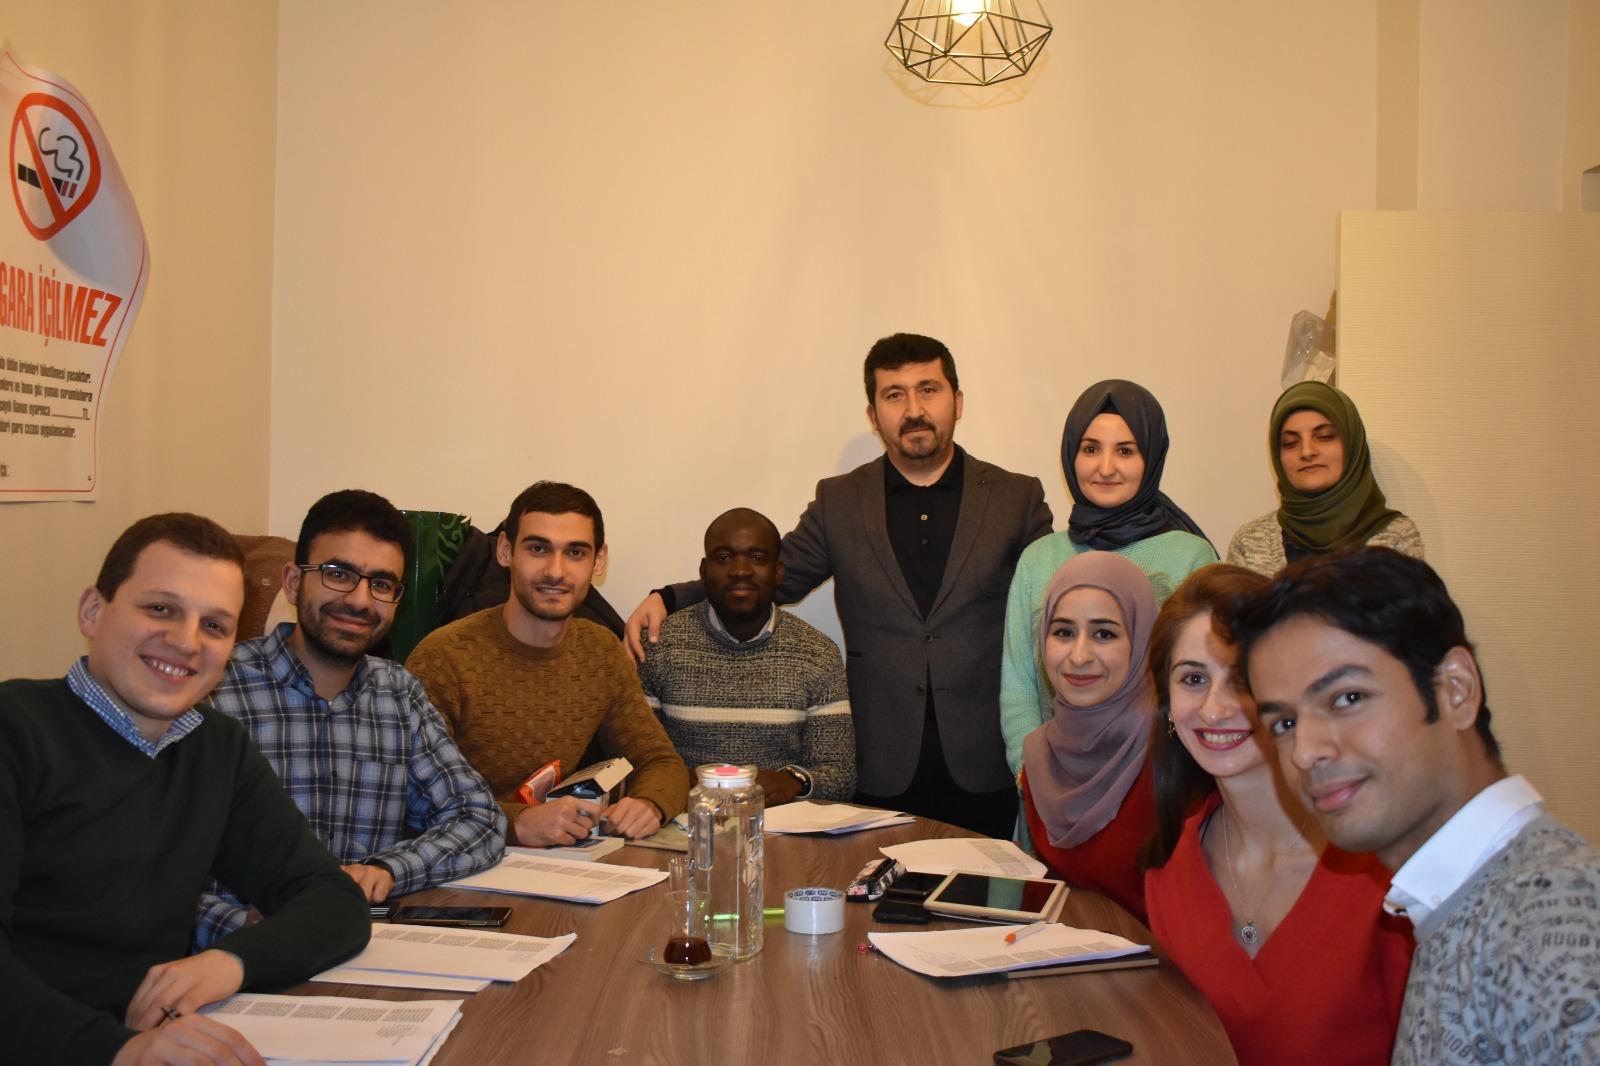 Genç Kahve'de Uluslararası Öğrencilere Türkçe Öğretimi